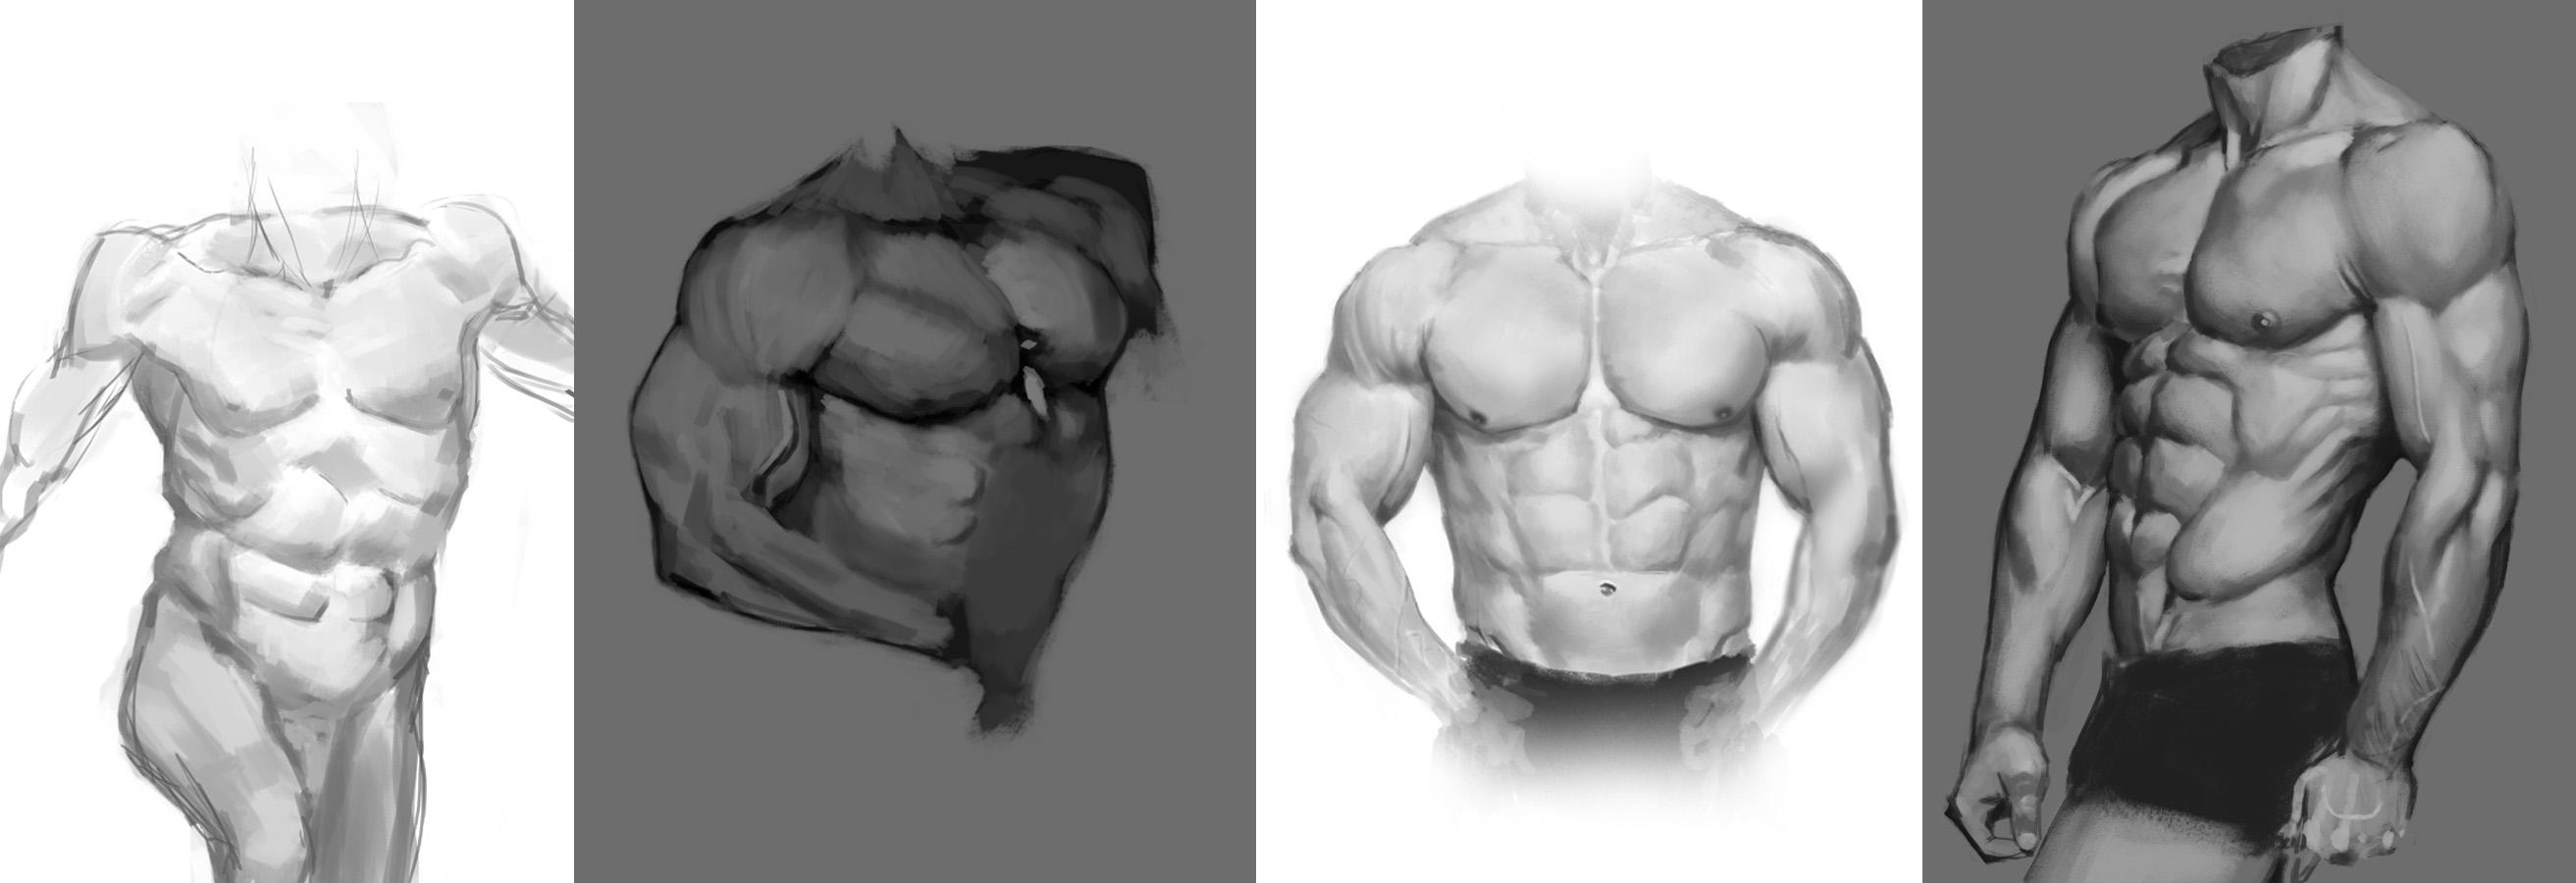 male anatomy studies by Toramarusama on DeviantArt